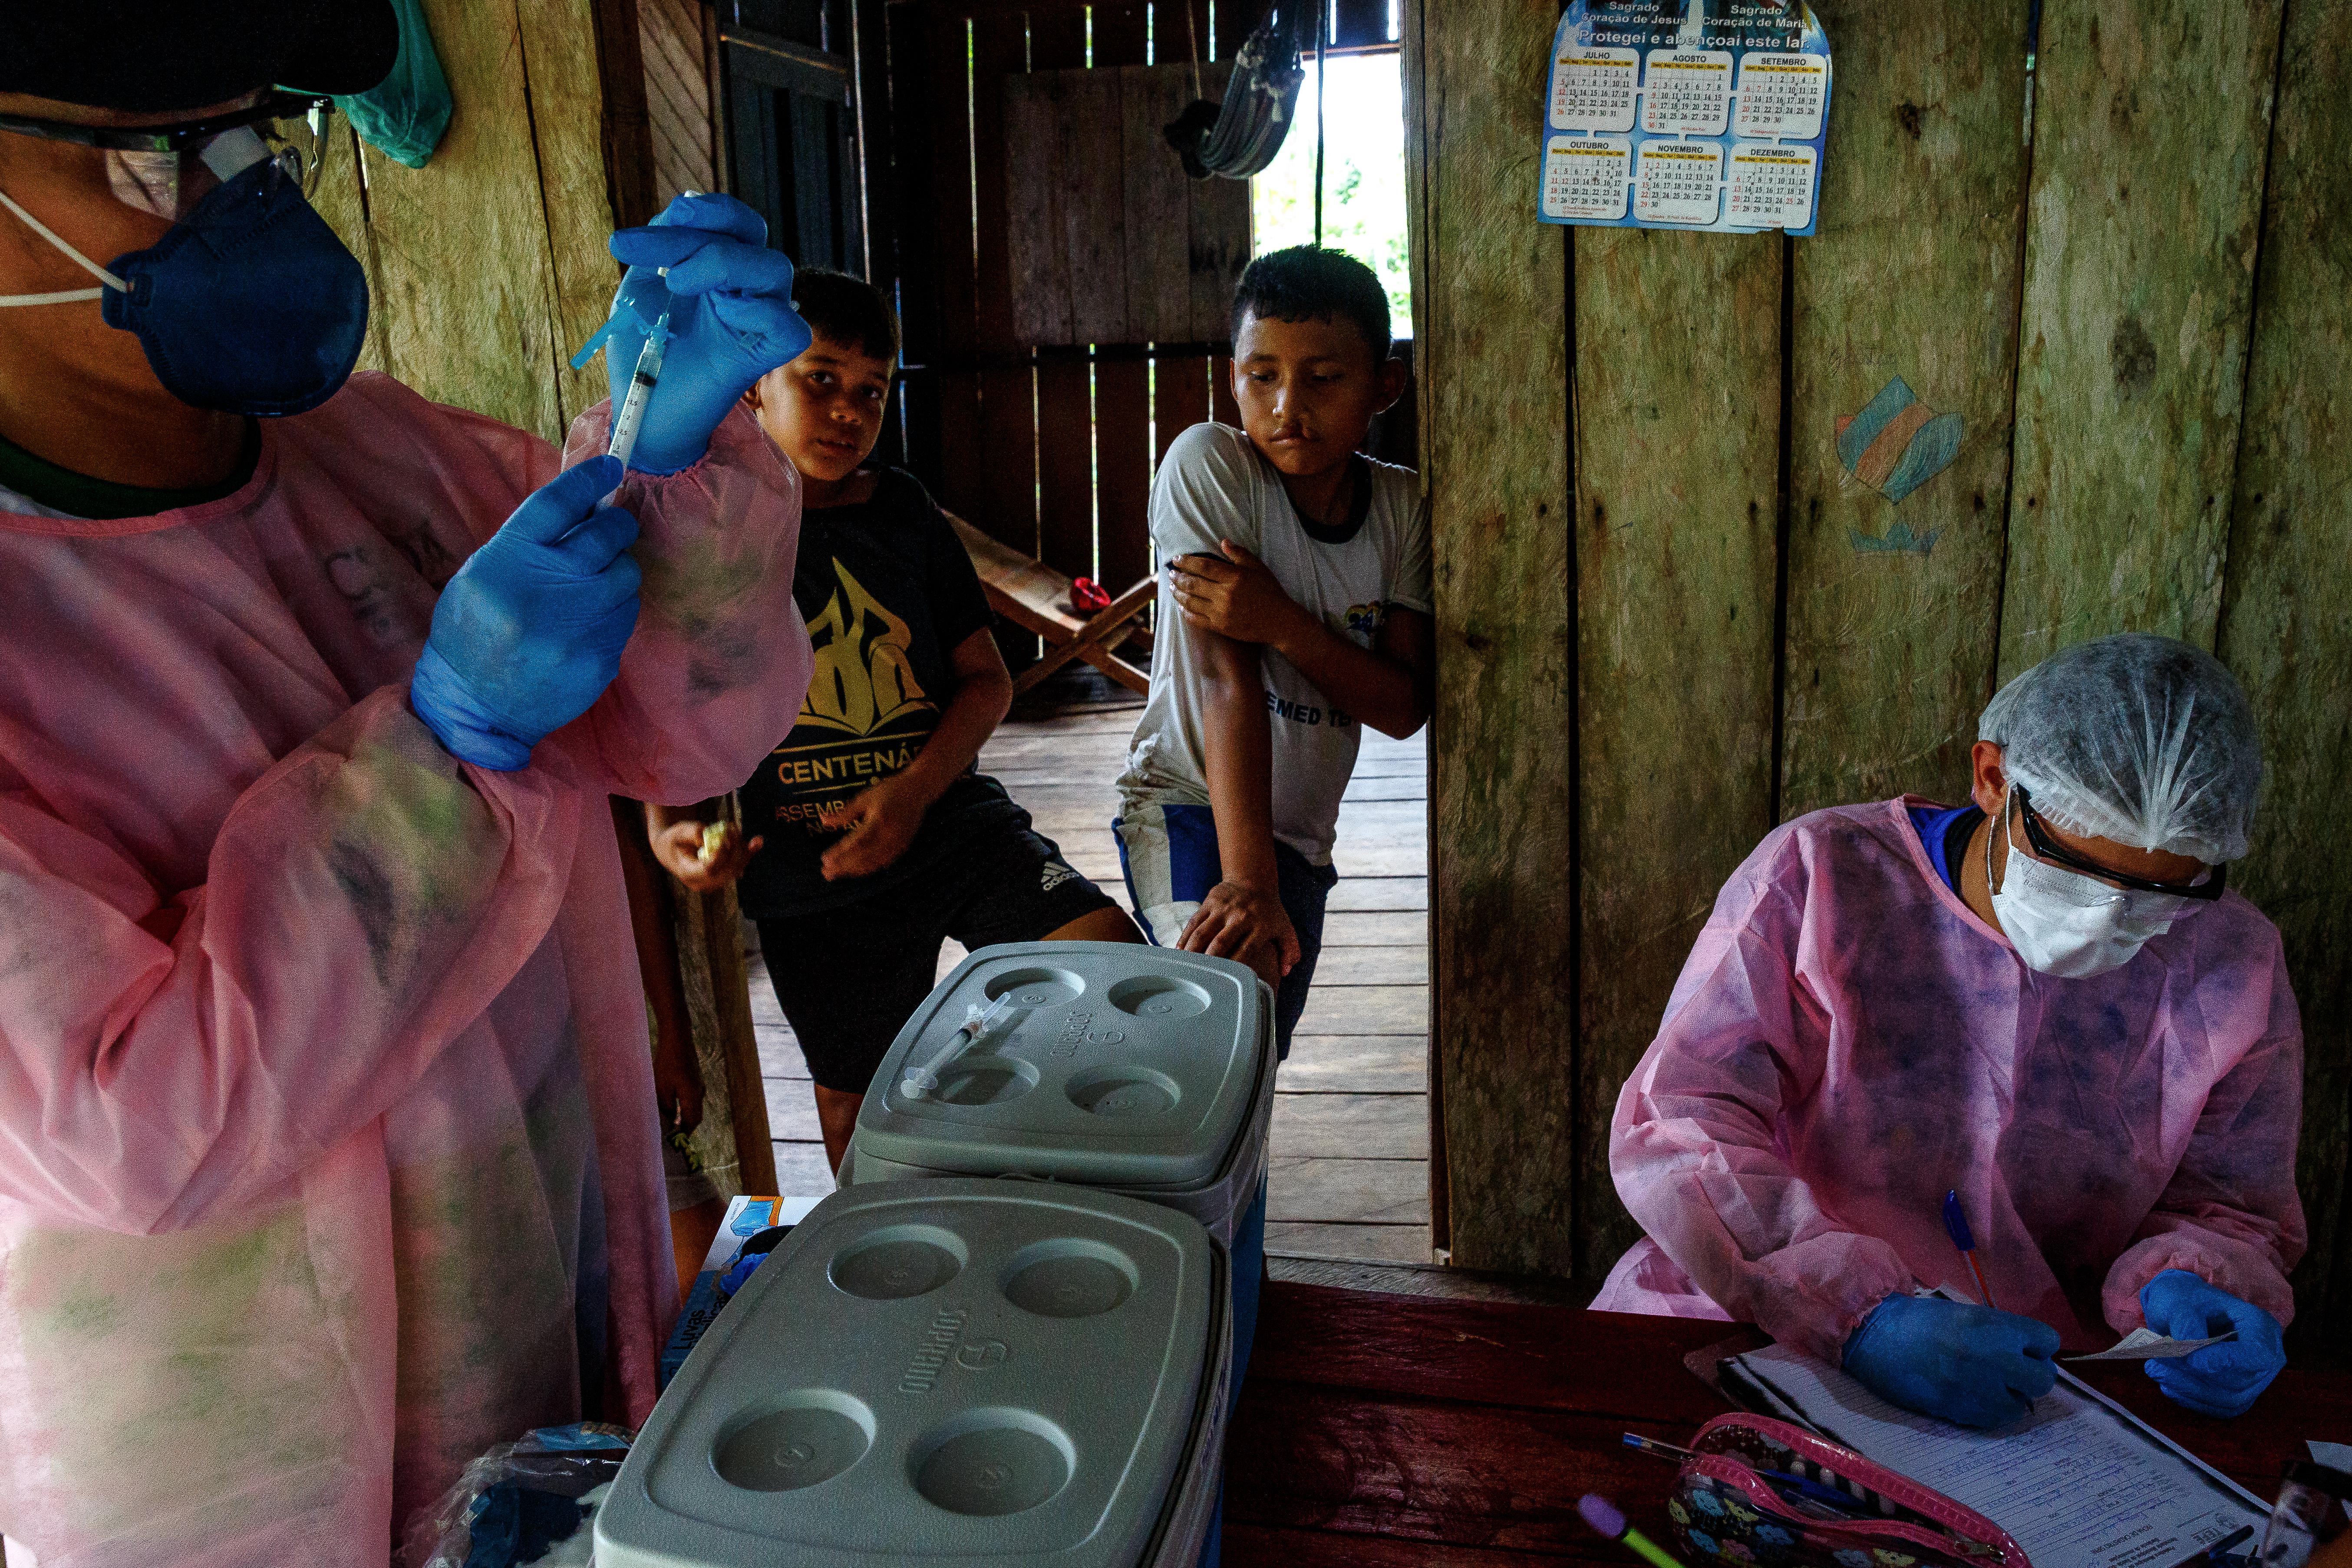 Le personnel MSF effectue des vaccinations de routine dans une maison familiale au bord du lac Mirini, État d'Amazonas, Brésil, juillet 2020. © Diego Baravelli/MSF